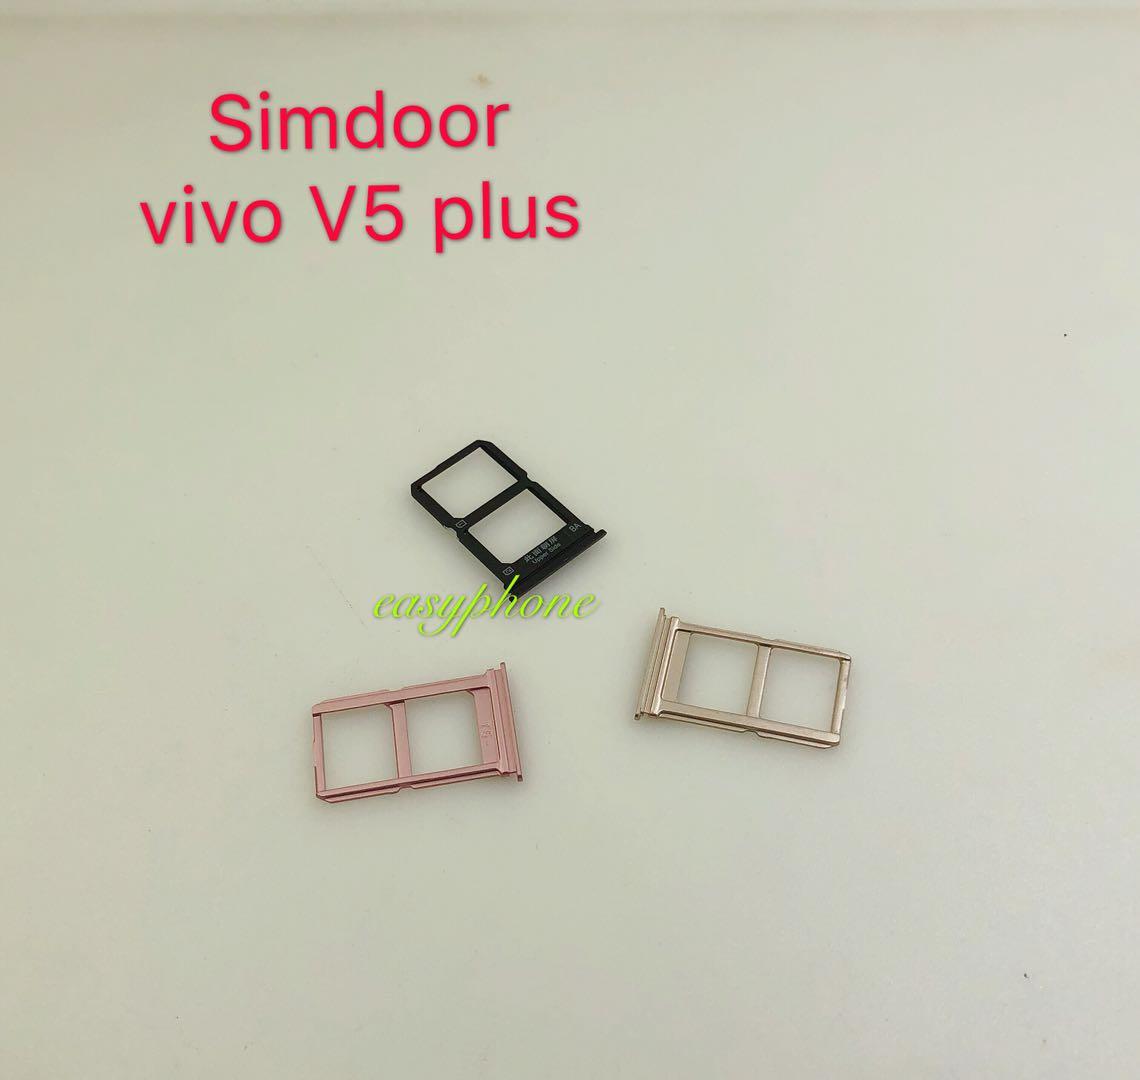 ถาดซิม Vivo V5plus